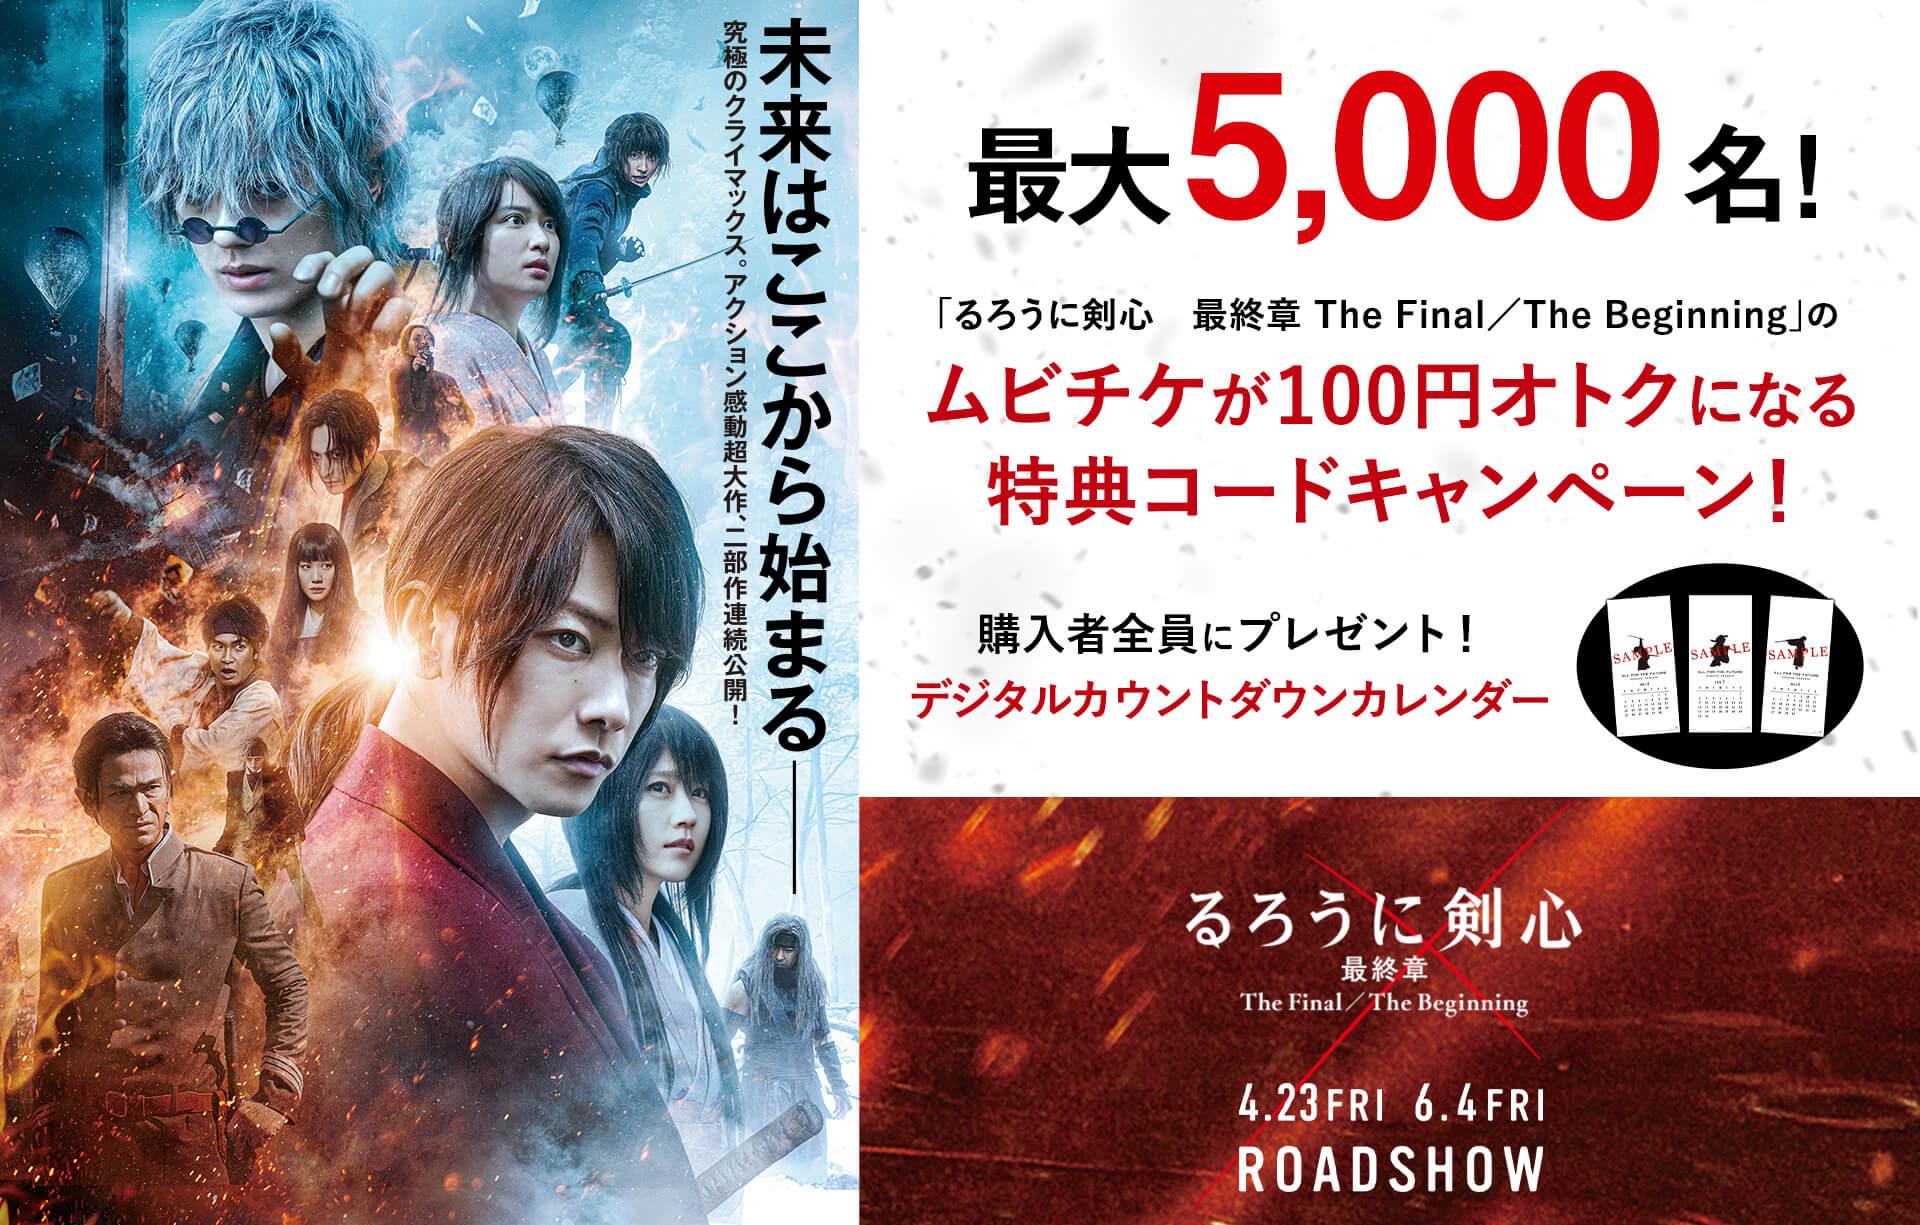 映画『るろうに剣心 最終章 The Final/The Beginning』のムビチケが100円オトクになる特典コードキャンペーン!